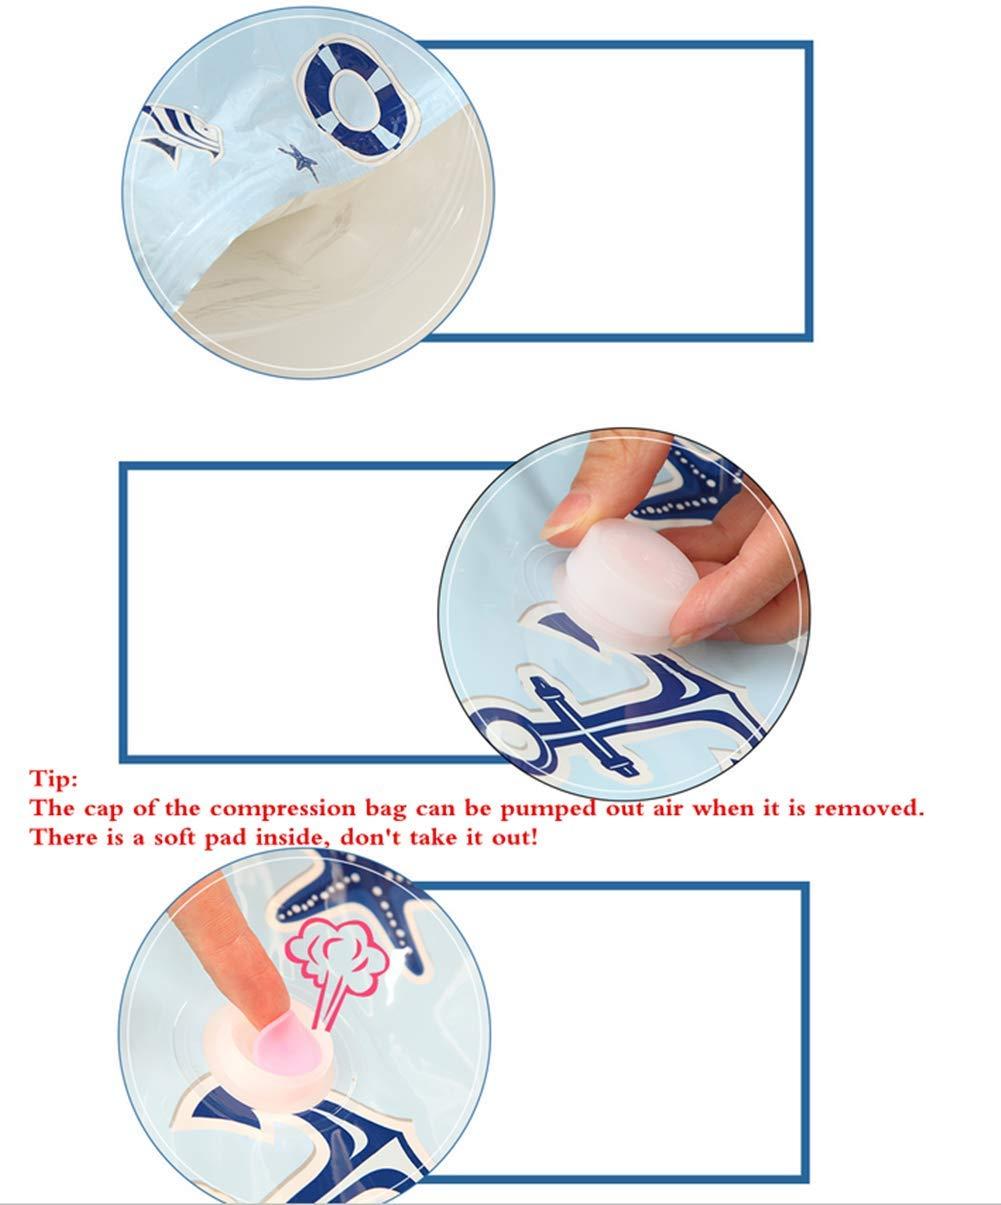 Sacchetti Sottovuoto Salvaspazio Morbuy Riutilizzabili per Vestiti Piumoni Coperte Lenzuola Cuscini Tende Compressione Roll Up Sacchetto Viaggio Abiti Rosa,11 Confezioni